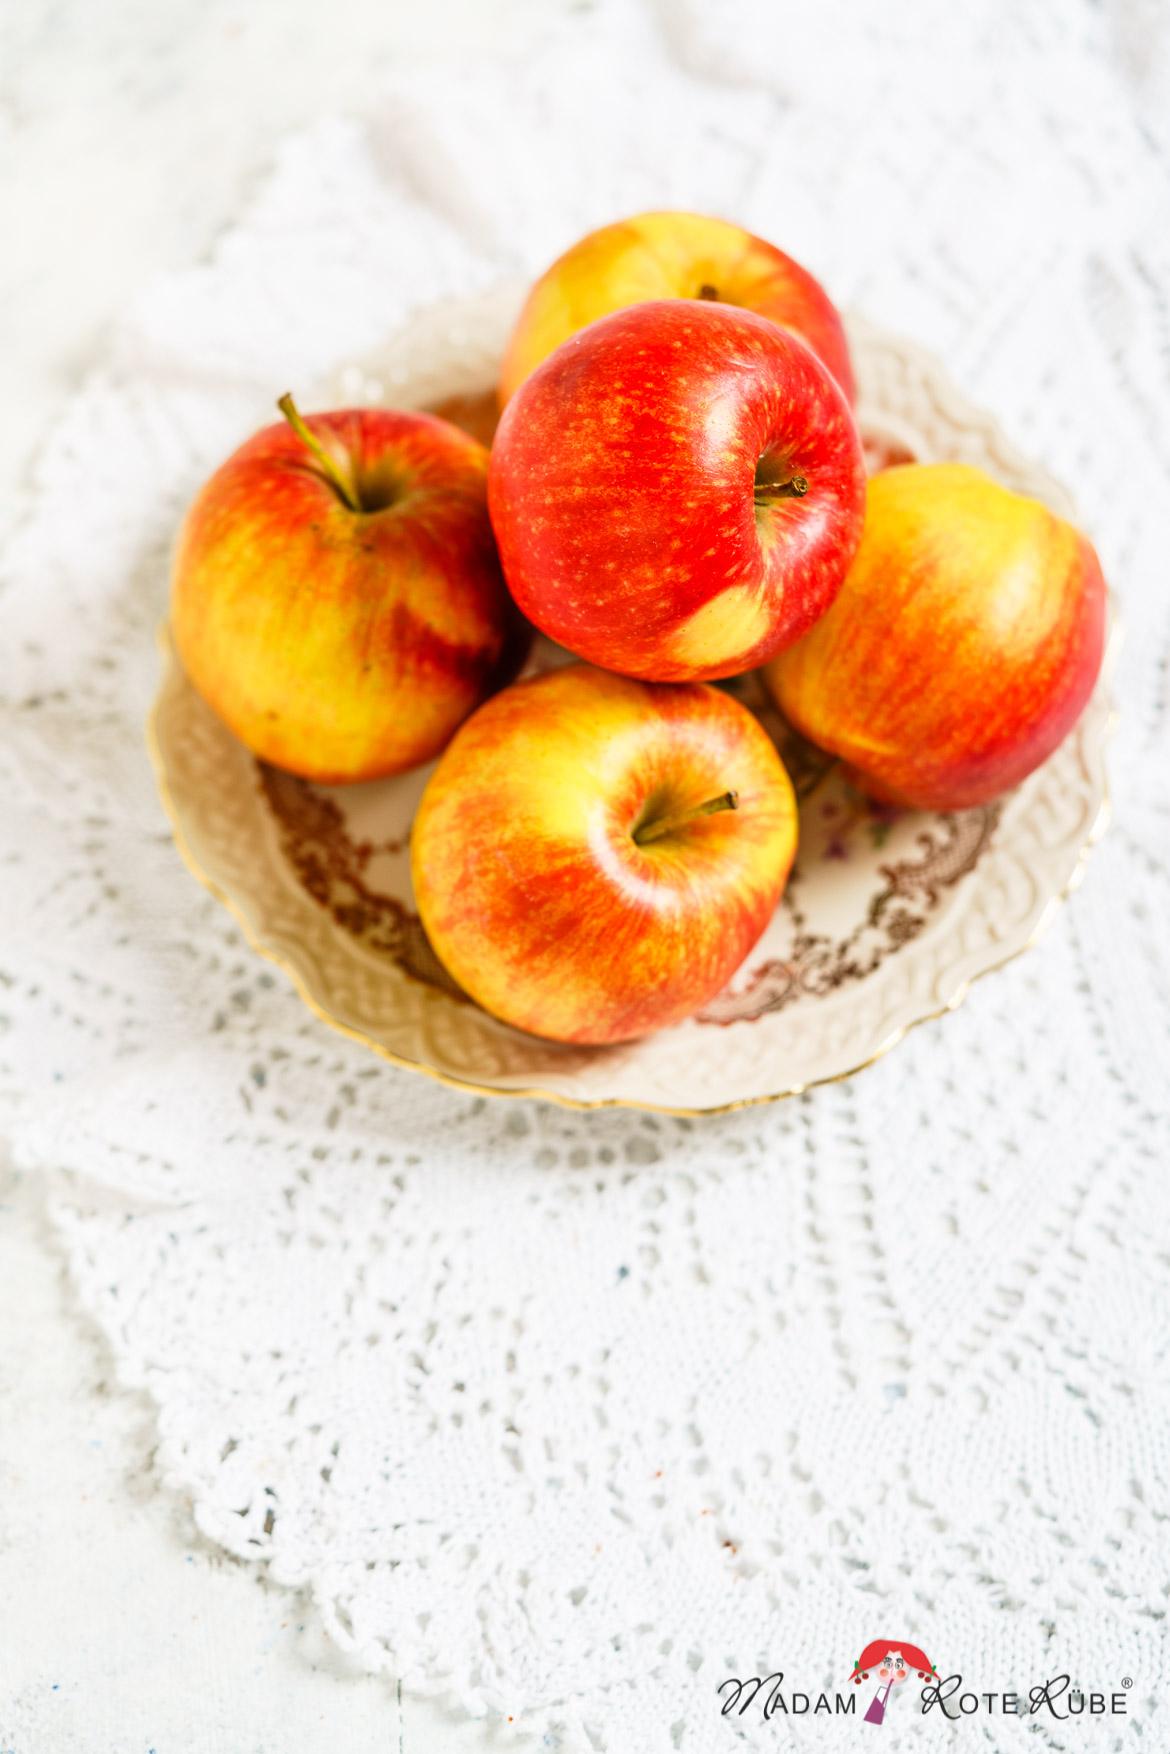 Madam Rote Rübe - Apfel-Quark-Krapfen aus Dinkelvollkornmehl vom Backblech